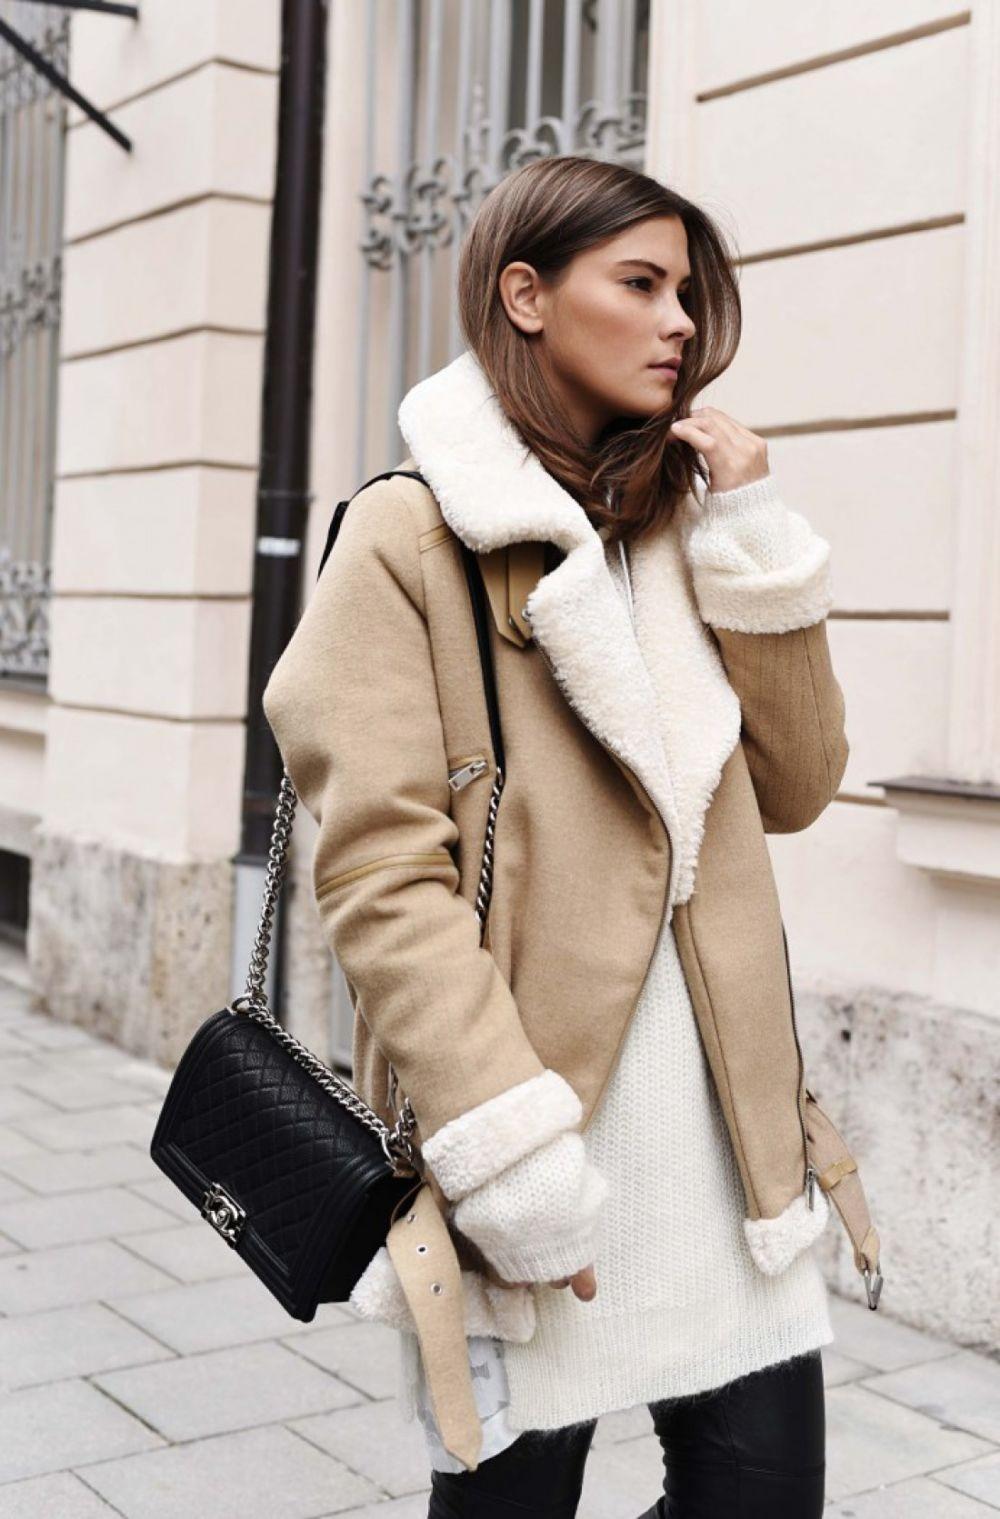 Зимние луки 2018 2019: пальто с воротником , бежевое